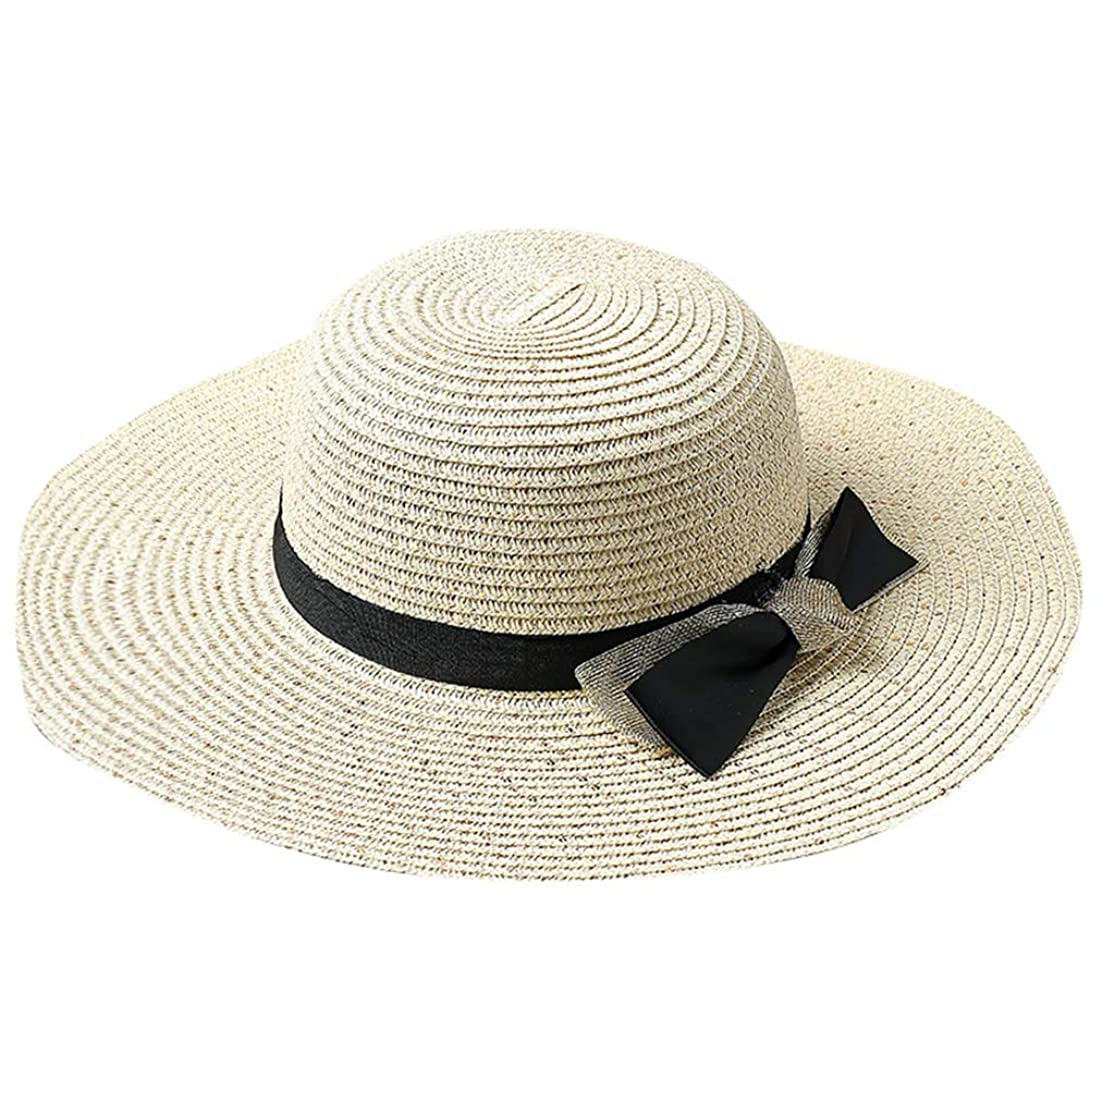 きょうだい文明公平ROSE ROMAN - 日よけ帽子 帽子 レディース ハット UVカート 紫外線対策 麦わら帽子 レディース 春夏 UVカット 折りたたみ 軽量 持ち運びに便利 麦わら帽子 つば広 小顔効果 春夏 お出かけ用 ビーチハット